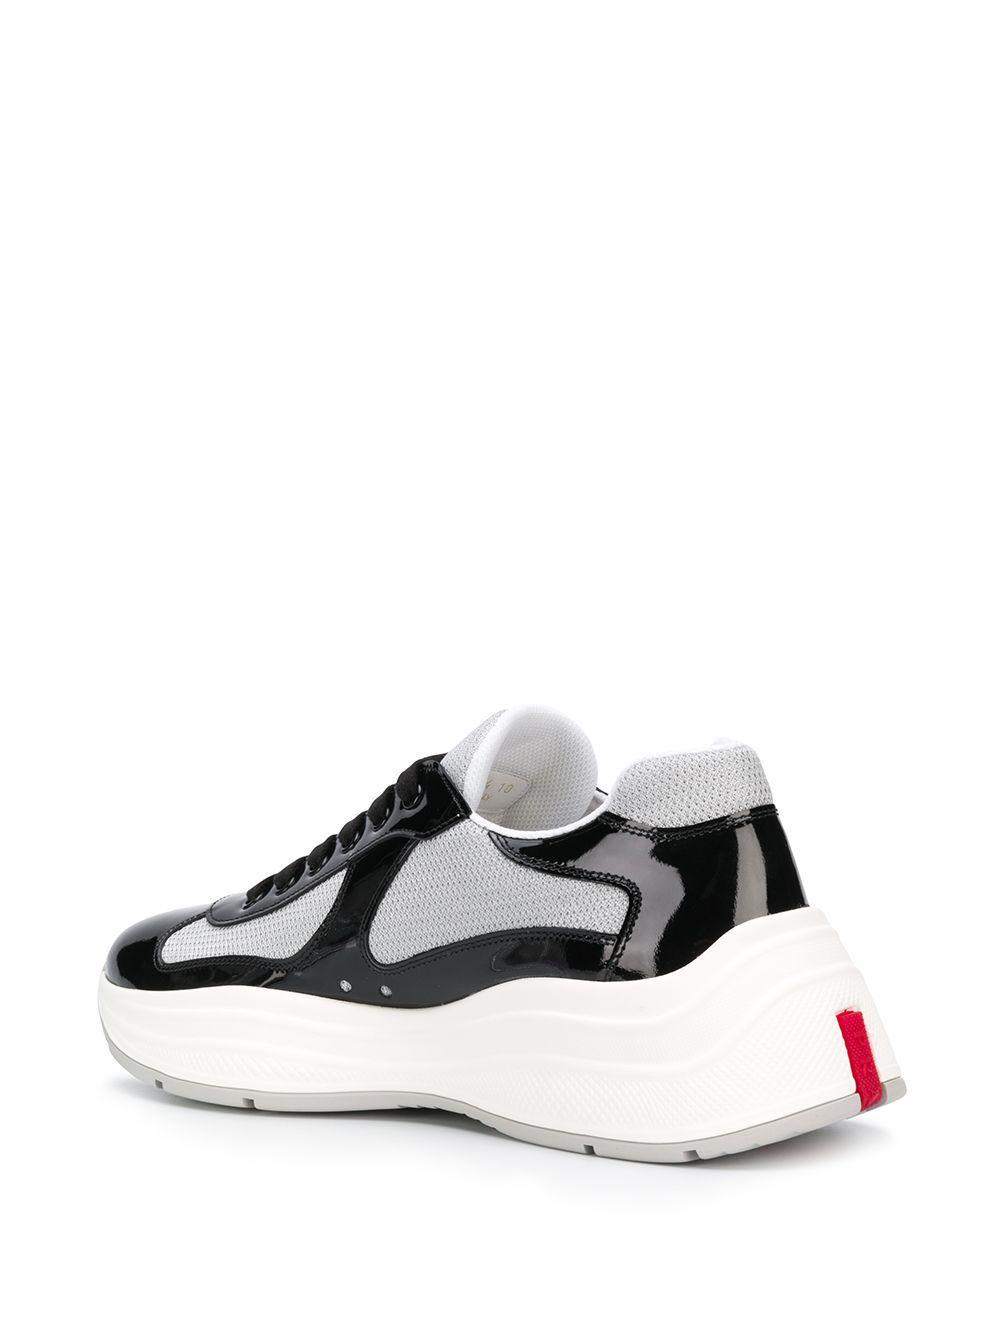 Zapatillas bajas America's Cup Prada de Cuero de color Negro para hombre